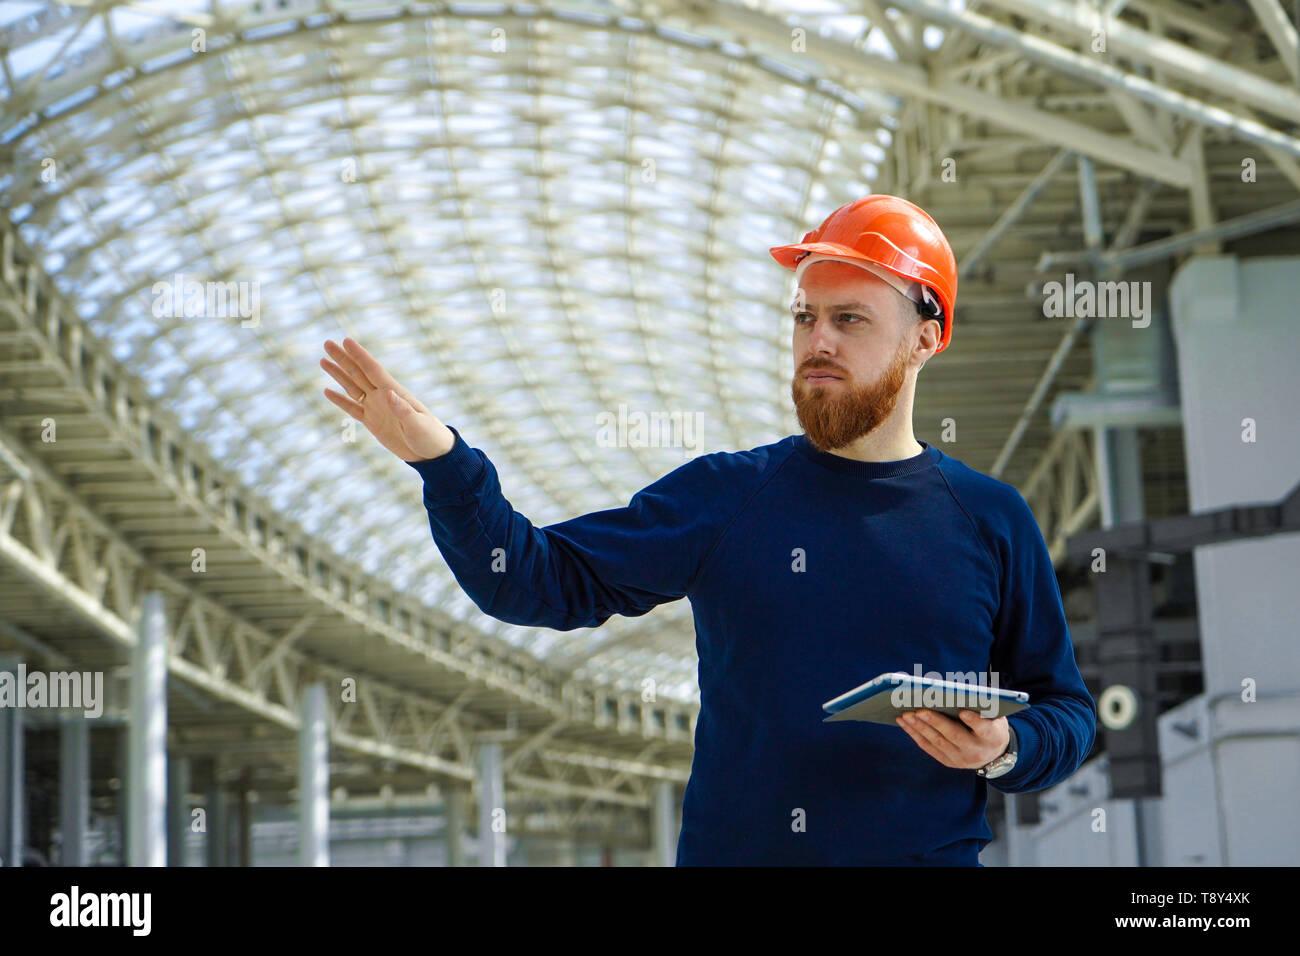 Il piano media ritratto di un uomo adulto in un casco parlando, mano rivolto di lato, tenendo in mano un tablet PC, orizzontale, spazio per la firma Immagini Stock